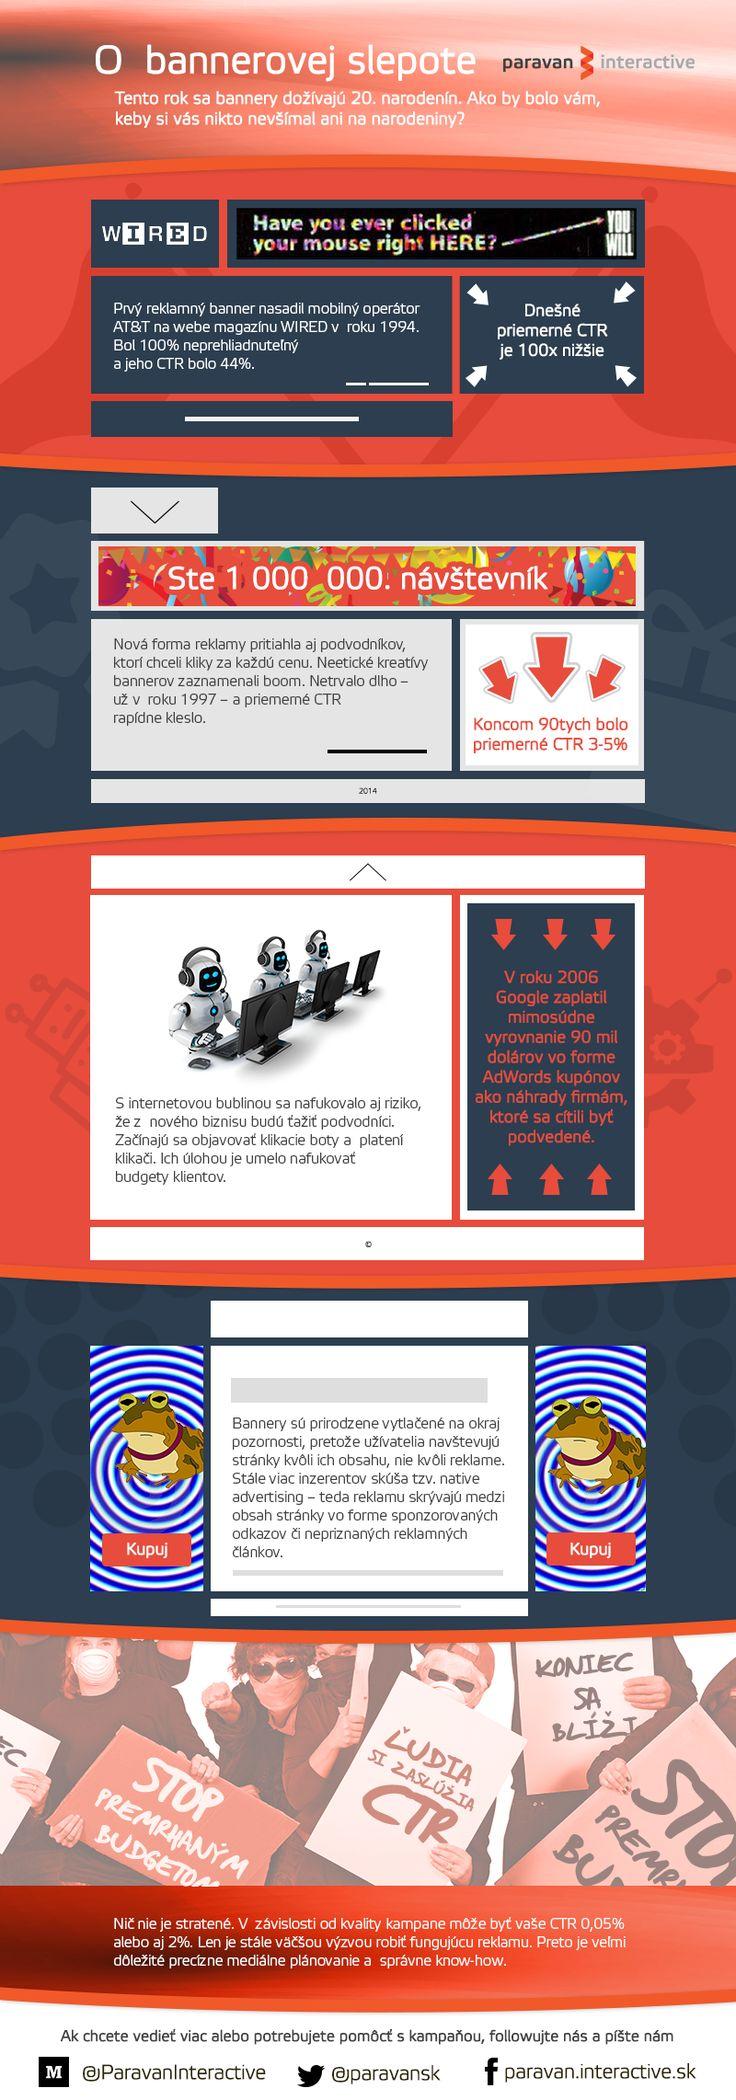 infografika bannerova slepota